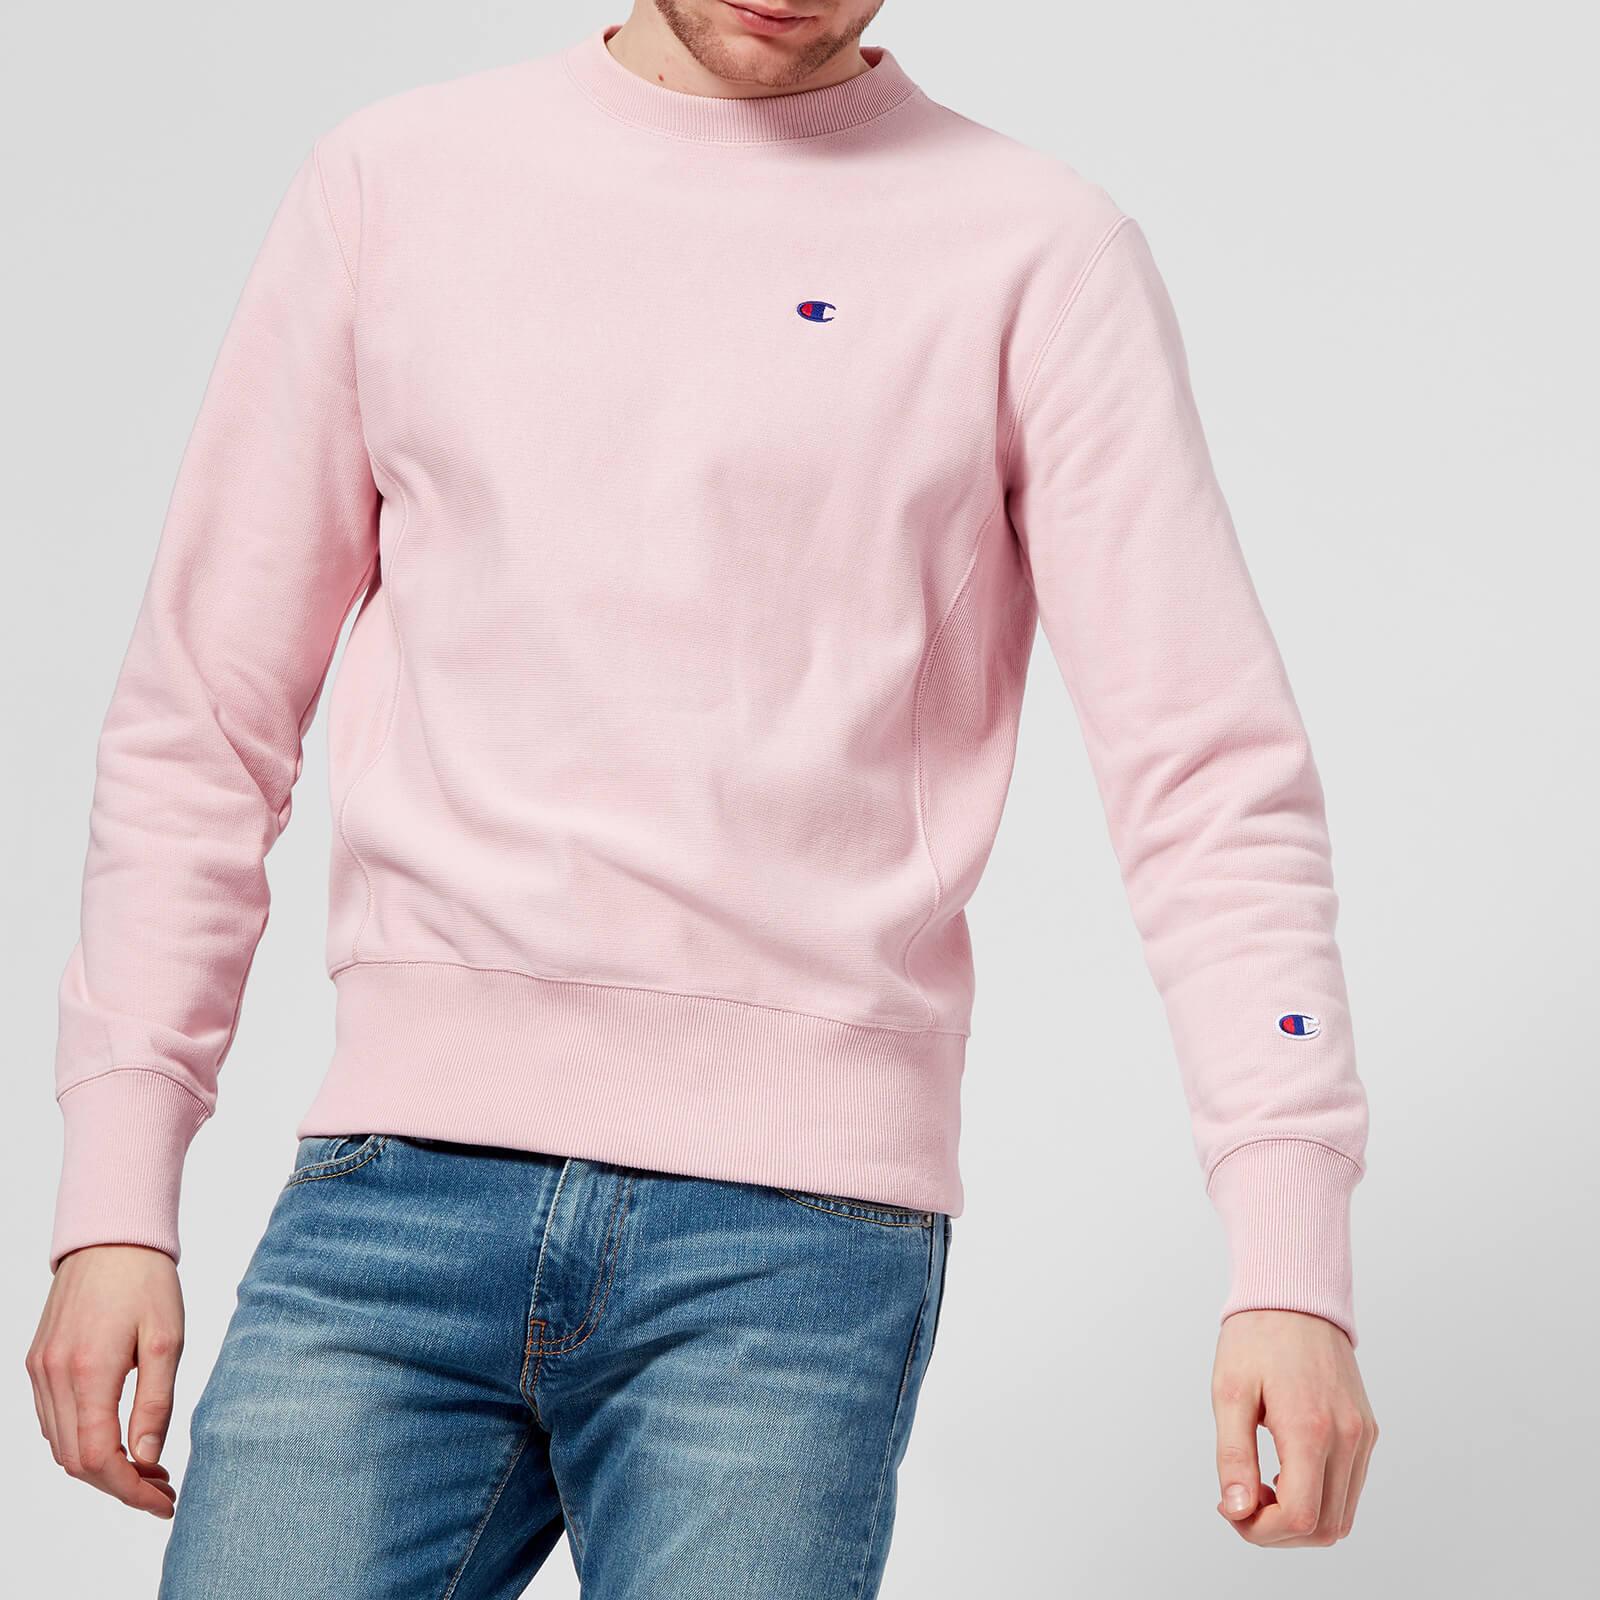 Champion Men's Crew Neck Sweatshirt Pink